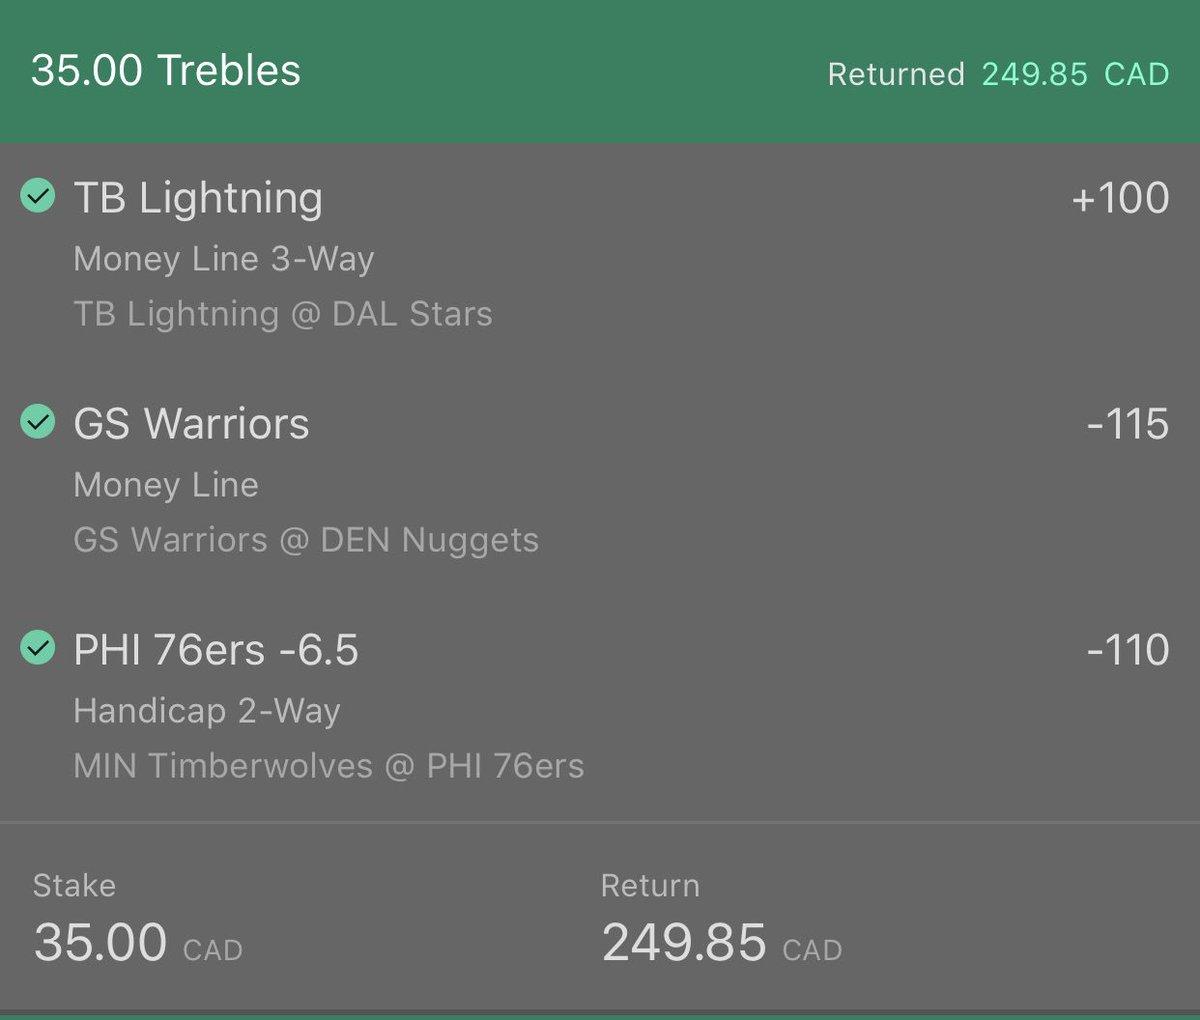 🔥🔥💵 a winning day is a good day 🔼$249   #NBA #NHL #GamblingTwitter #bettingtips #CBB #NFL